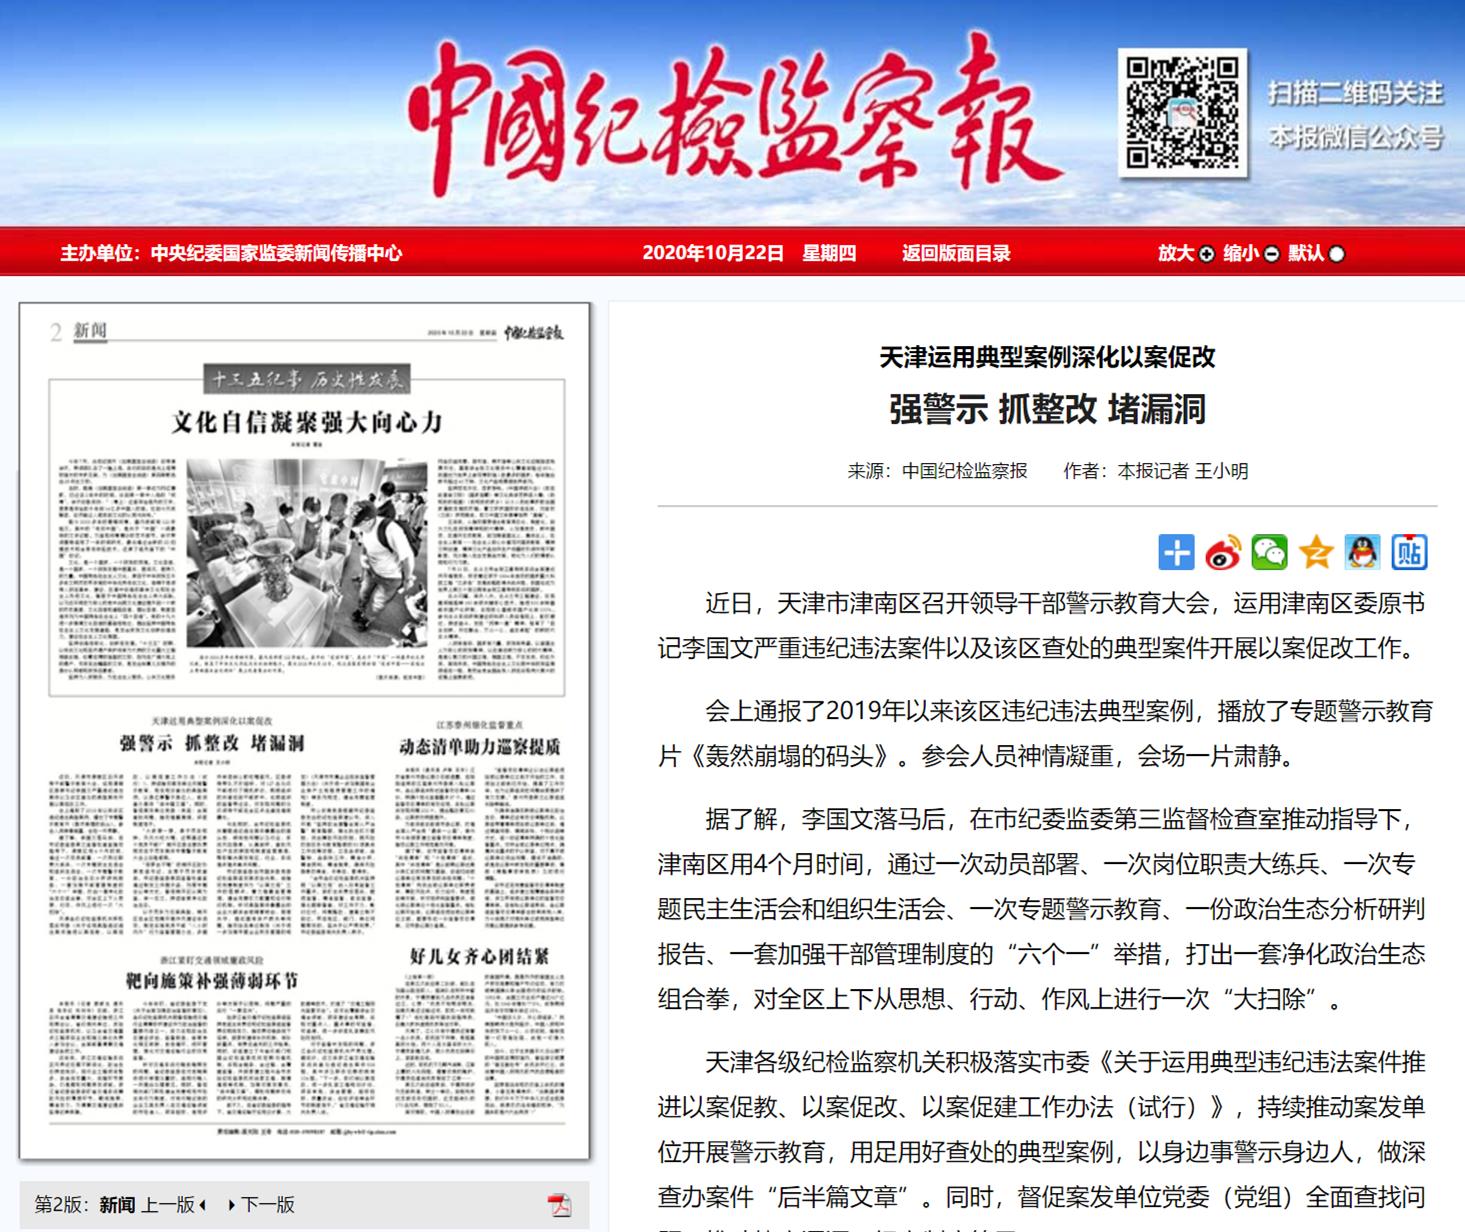 天津运用典型案例深化以案促改 强警示 抓整改 堵漏洞